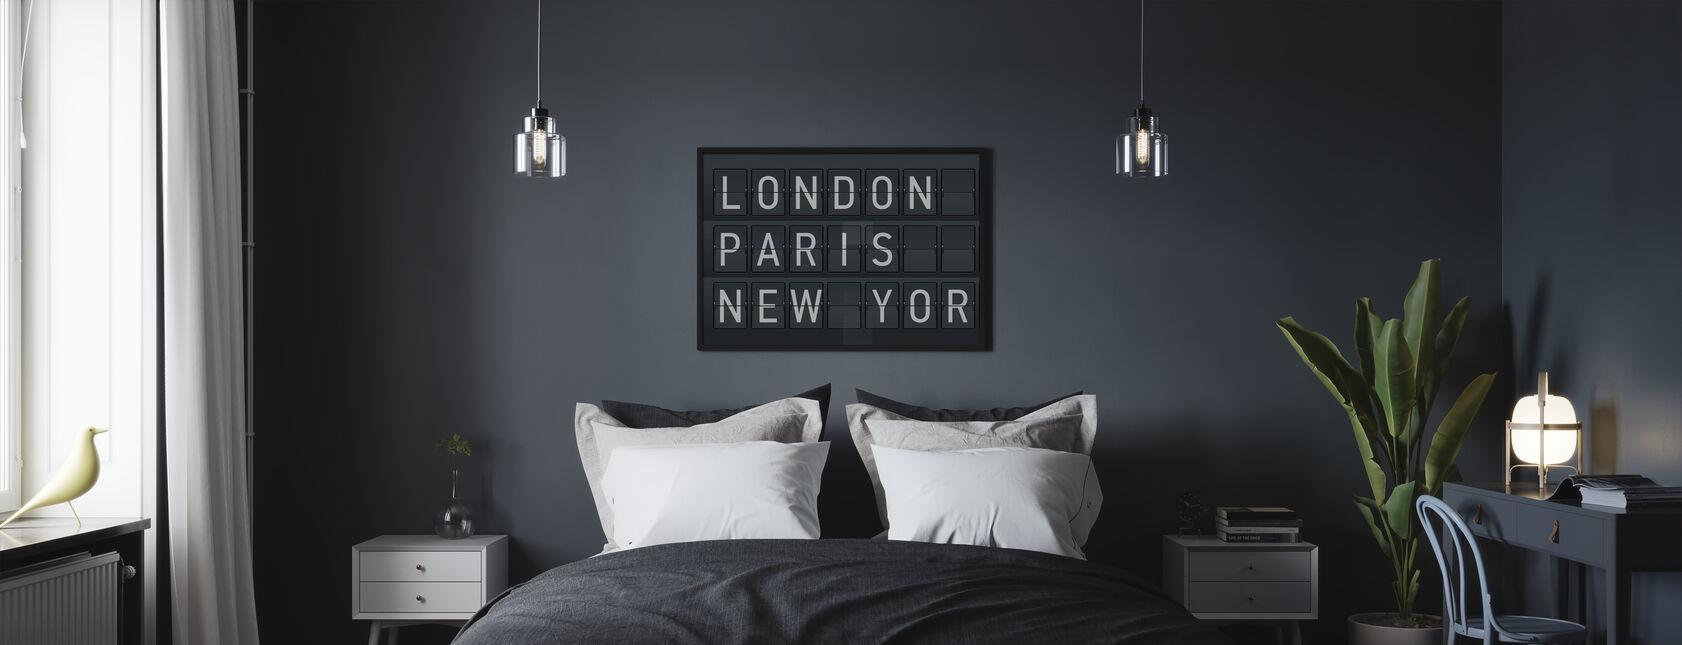 Lontoo - Pariisi - New York - Kehystetty kuva - Makuuhuone